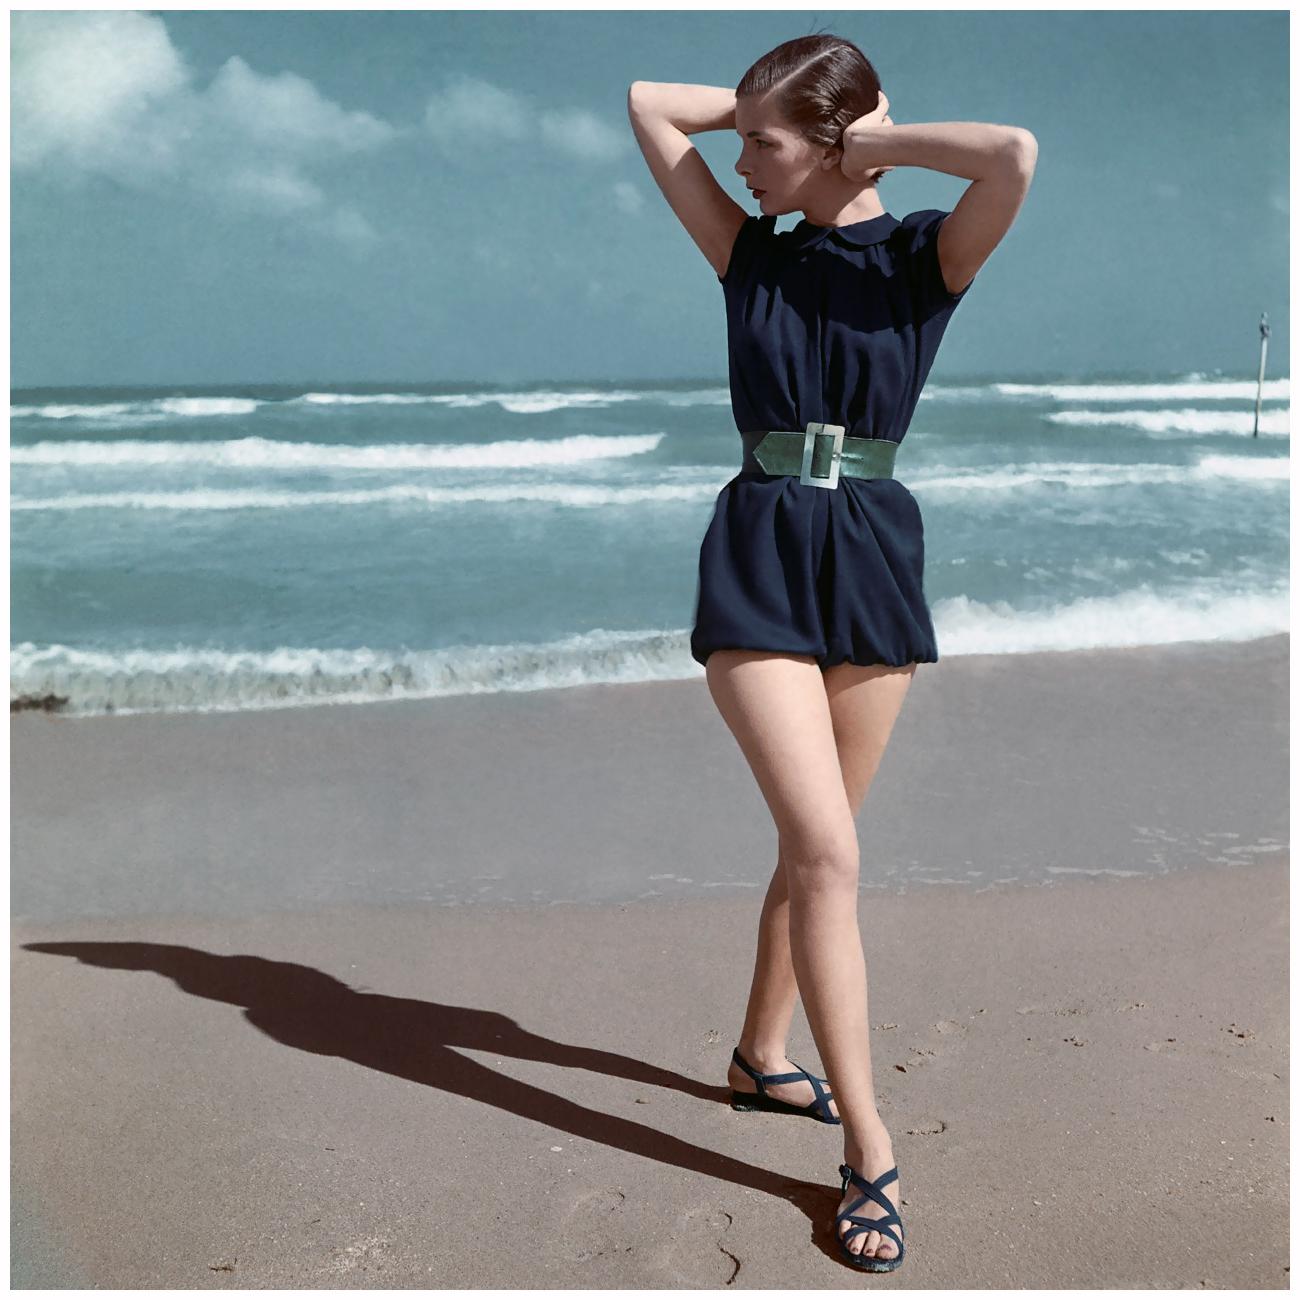 serge balkin_sandales_1946